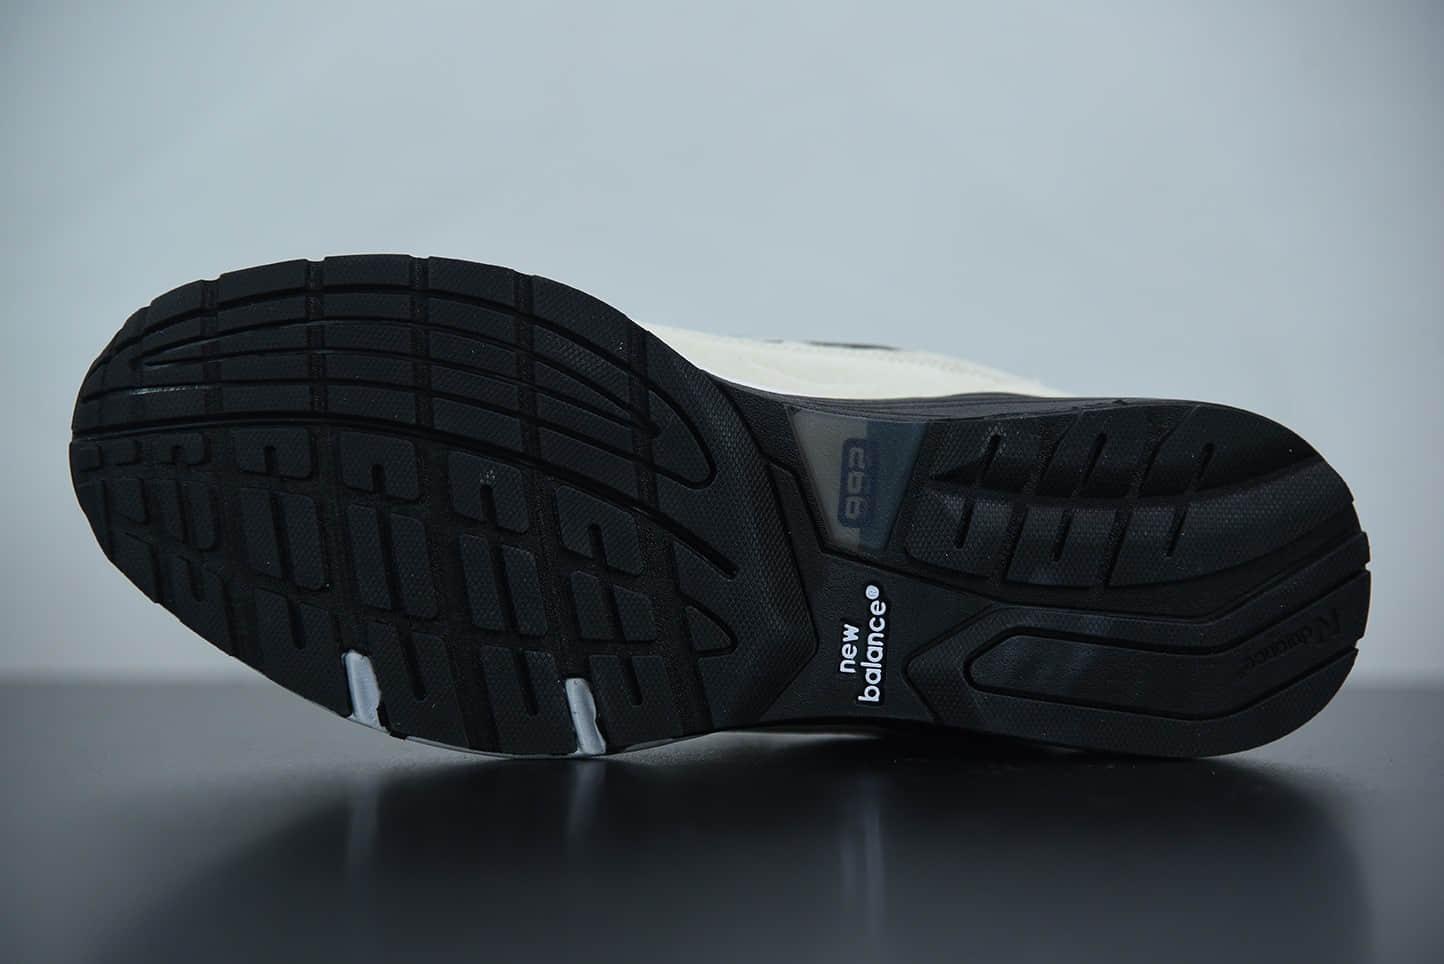 新百伦New Balance NB Made In USA M992系列卡其色美产血统经典复古休闲运动百搭老爹跑步鞋纯原版本 货号:M992YN2